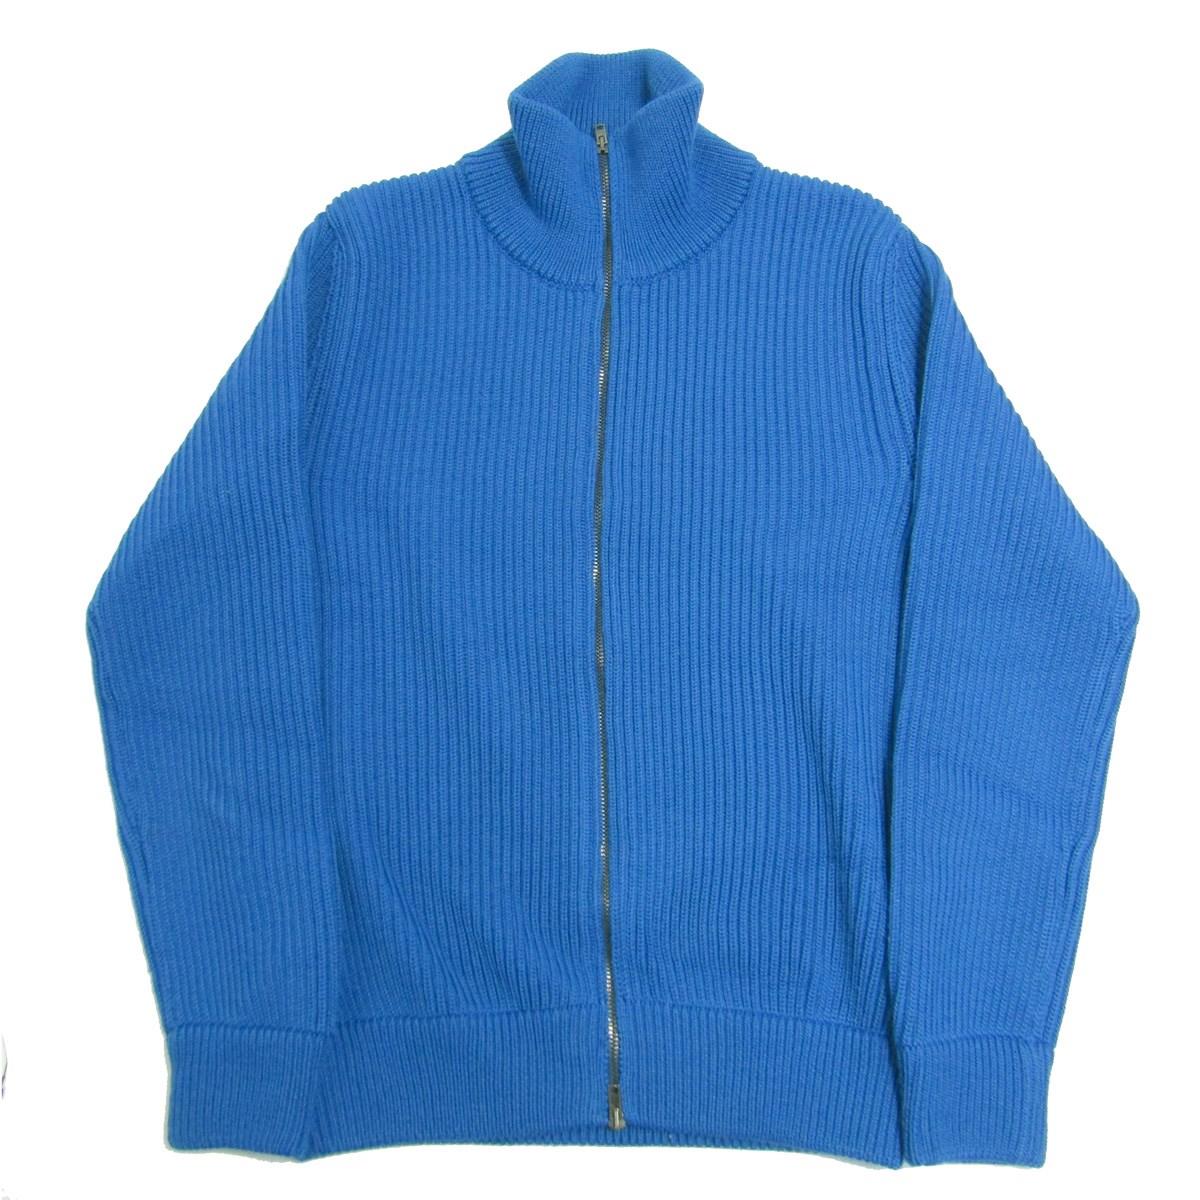 【中古】Martin Margiela14ドライバーズニット ジップアップニット セーター ブルー サイズ:S